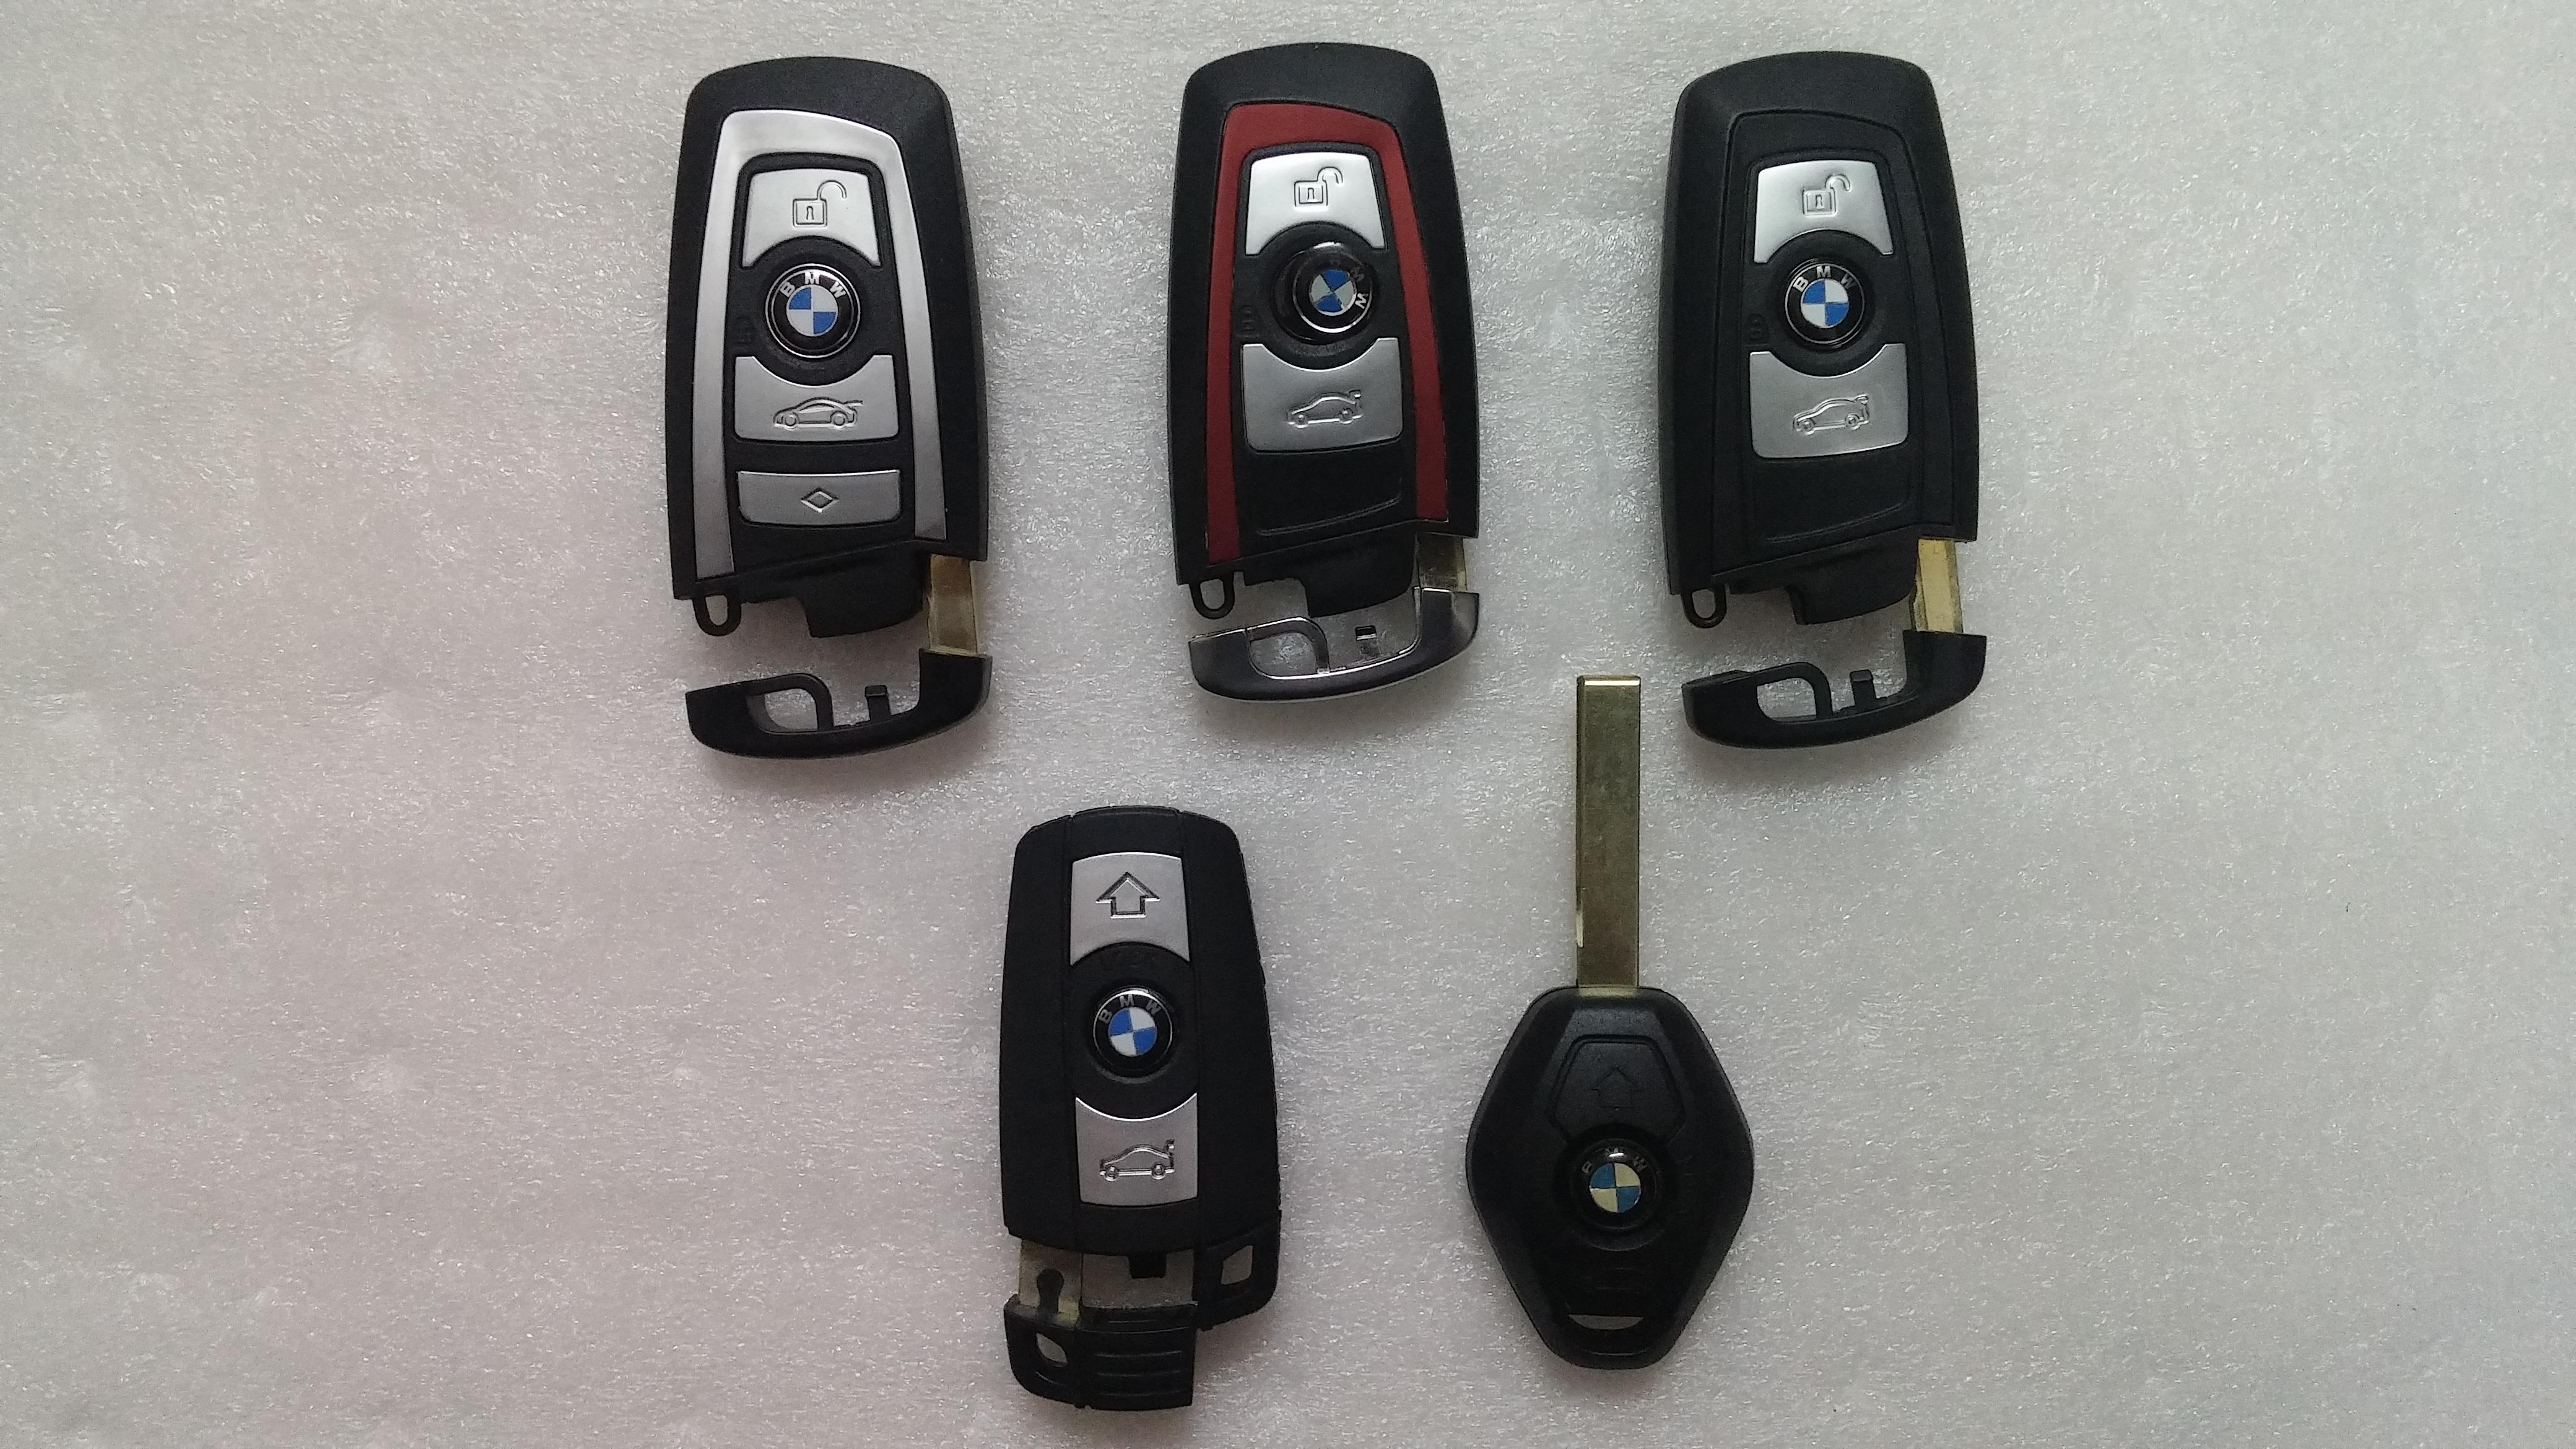 Làm chìa khóa xe BMW Chính hãng sửa khóa xe BMW giá Tốt